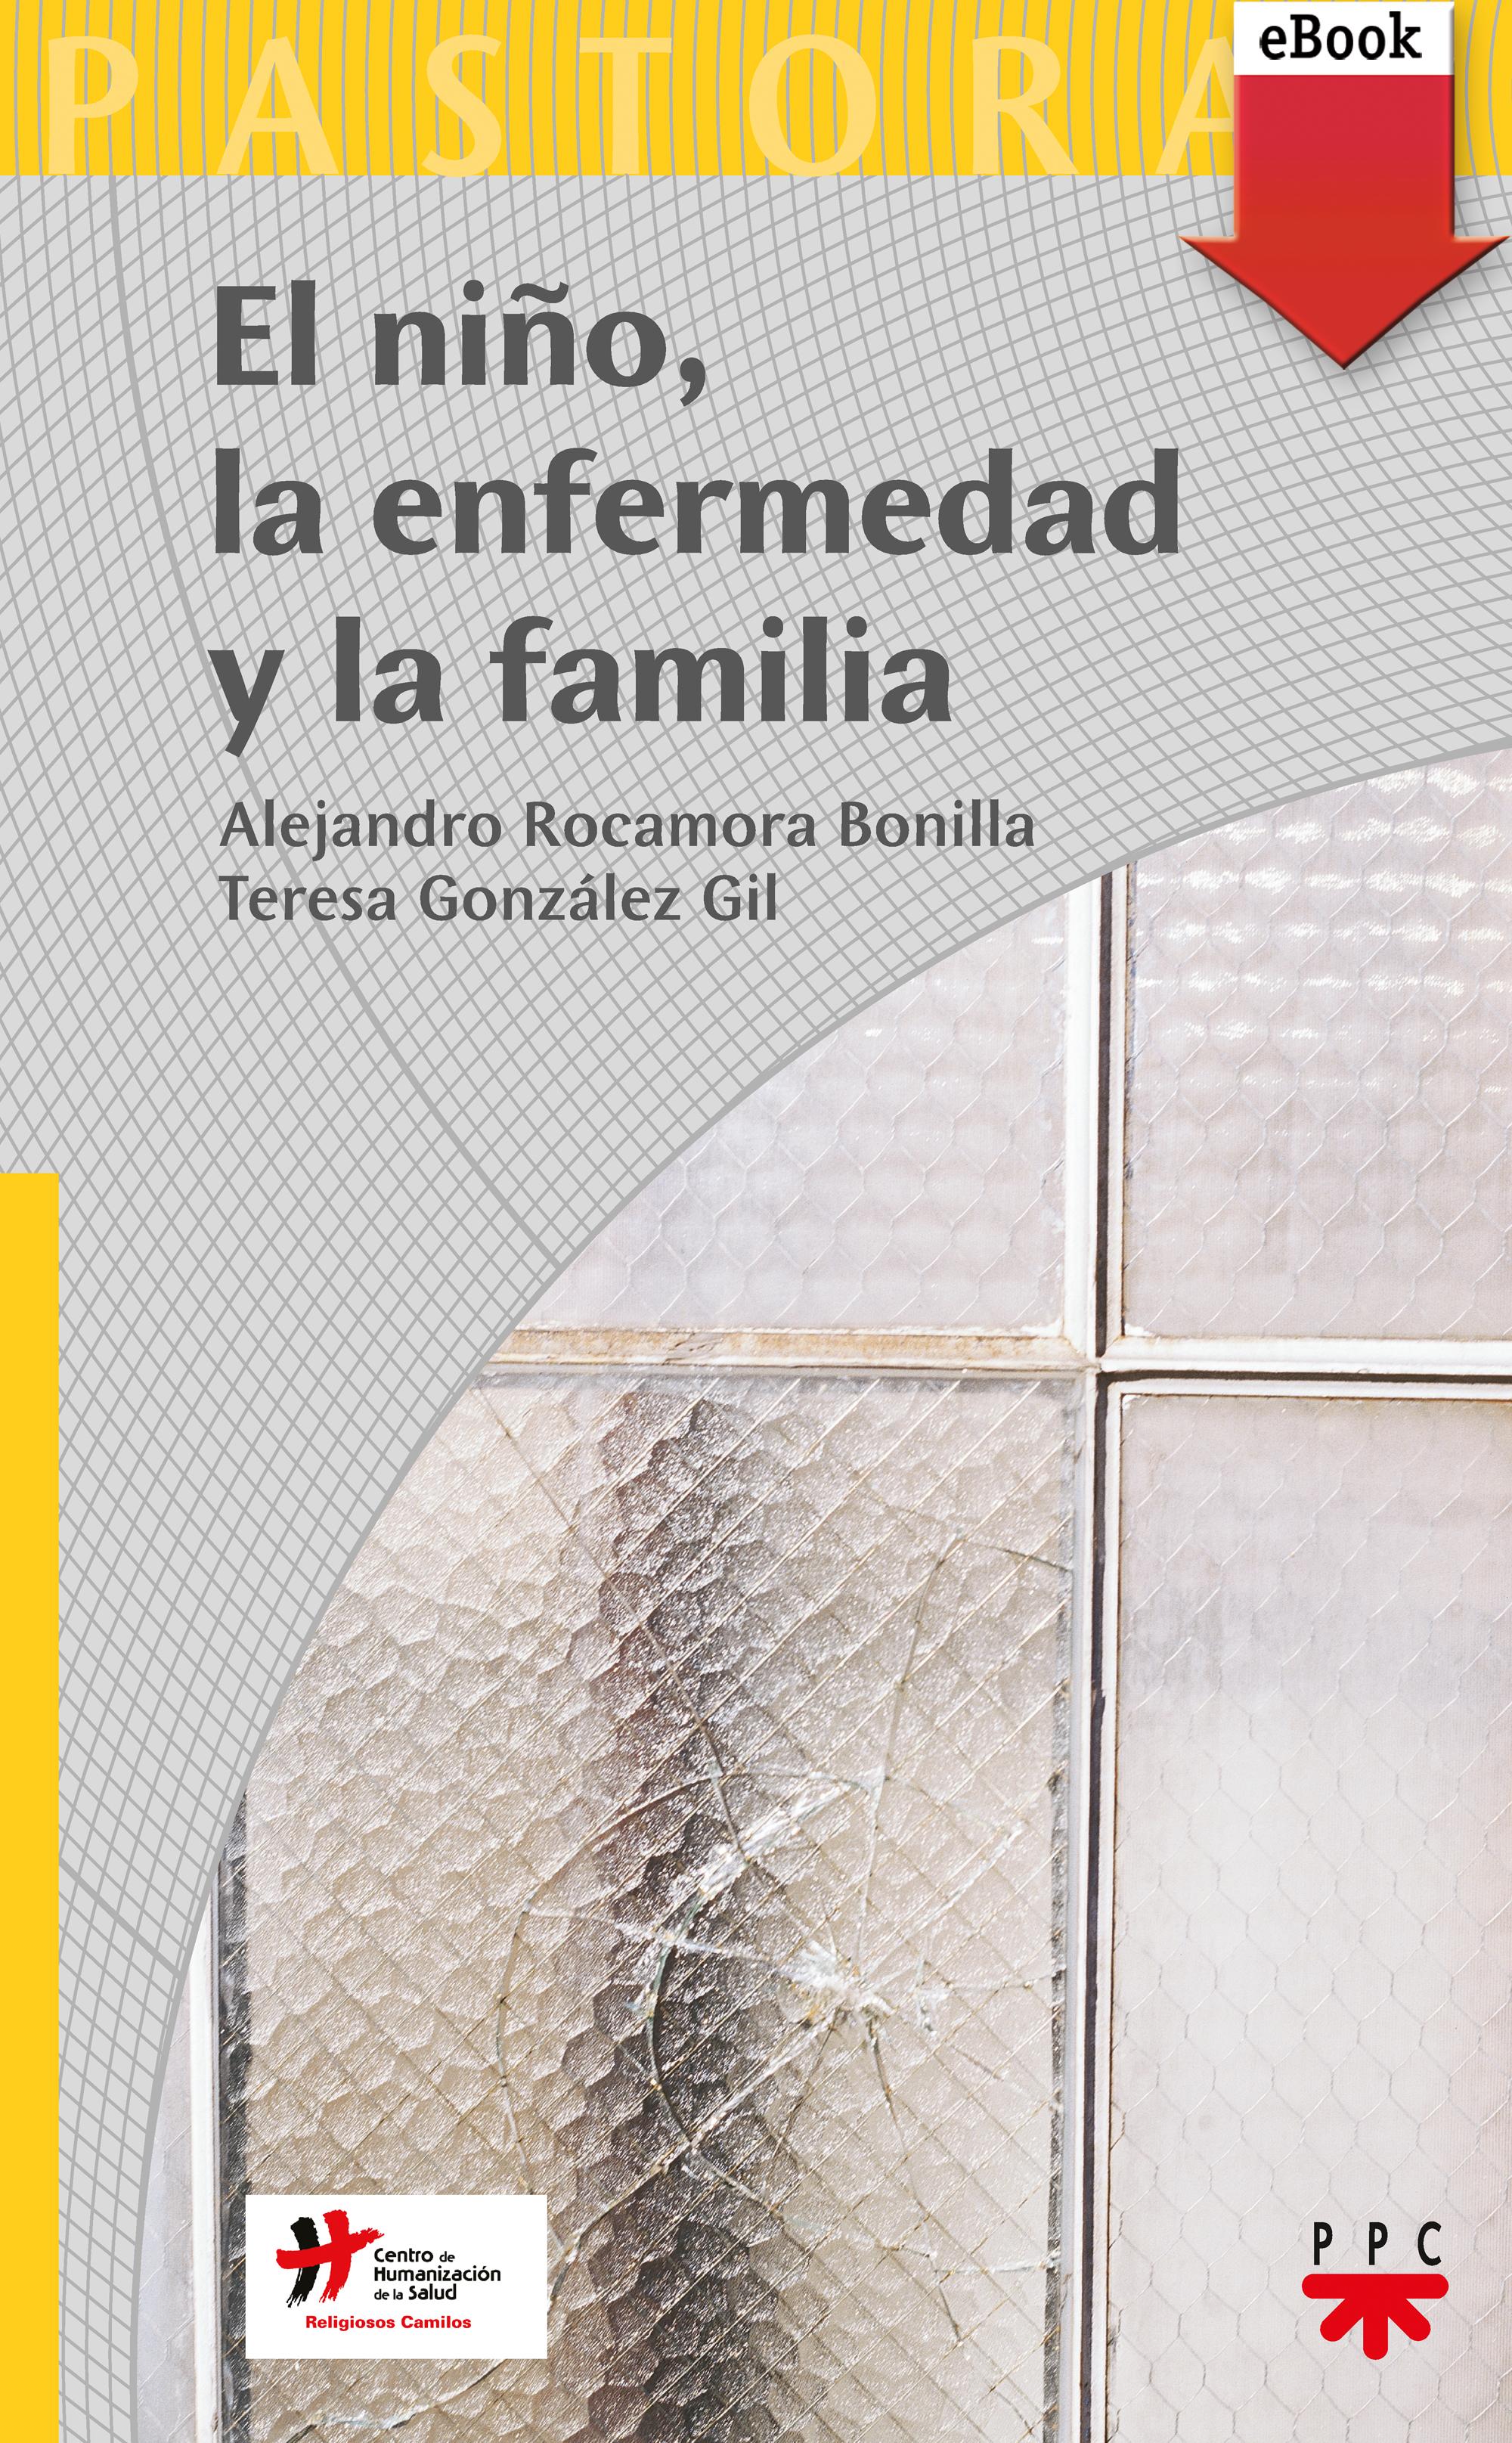 Alejandro Rocamora Bonilla El niño, la enfermedad y la familia